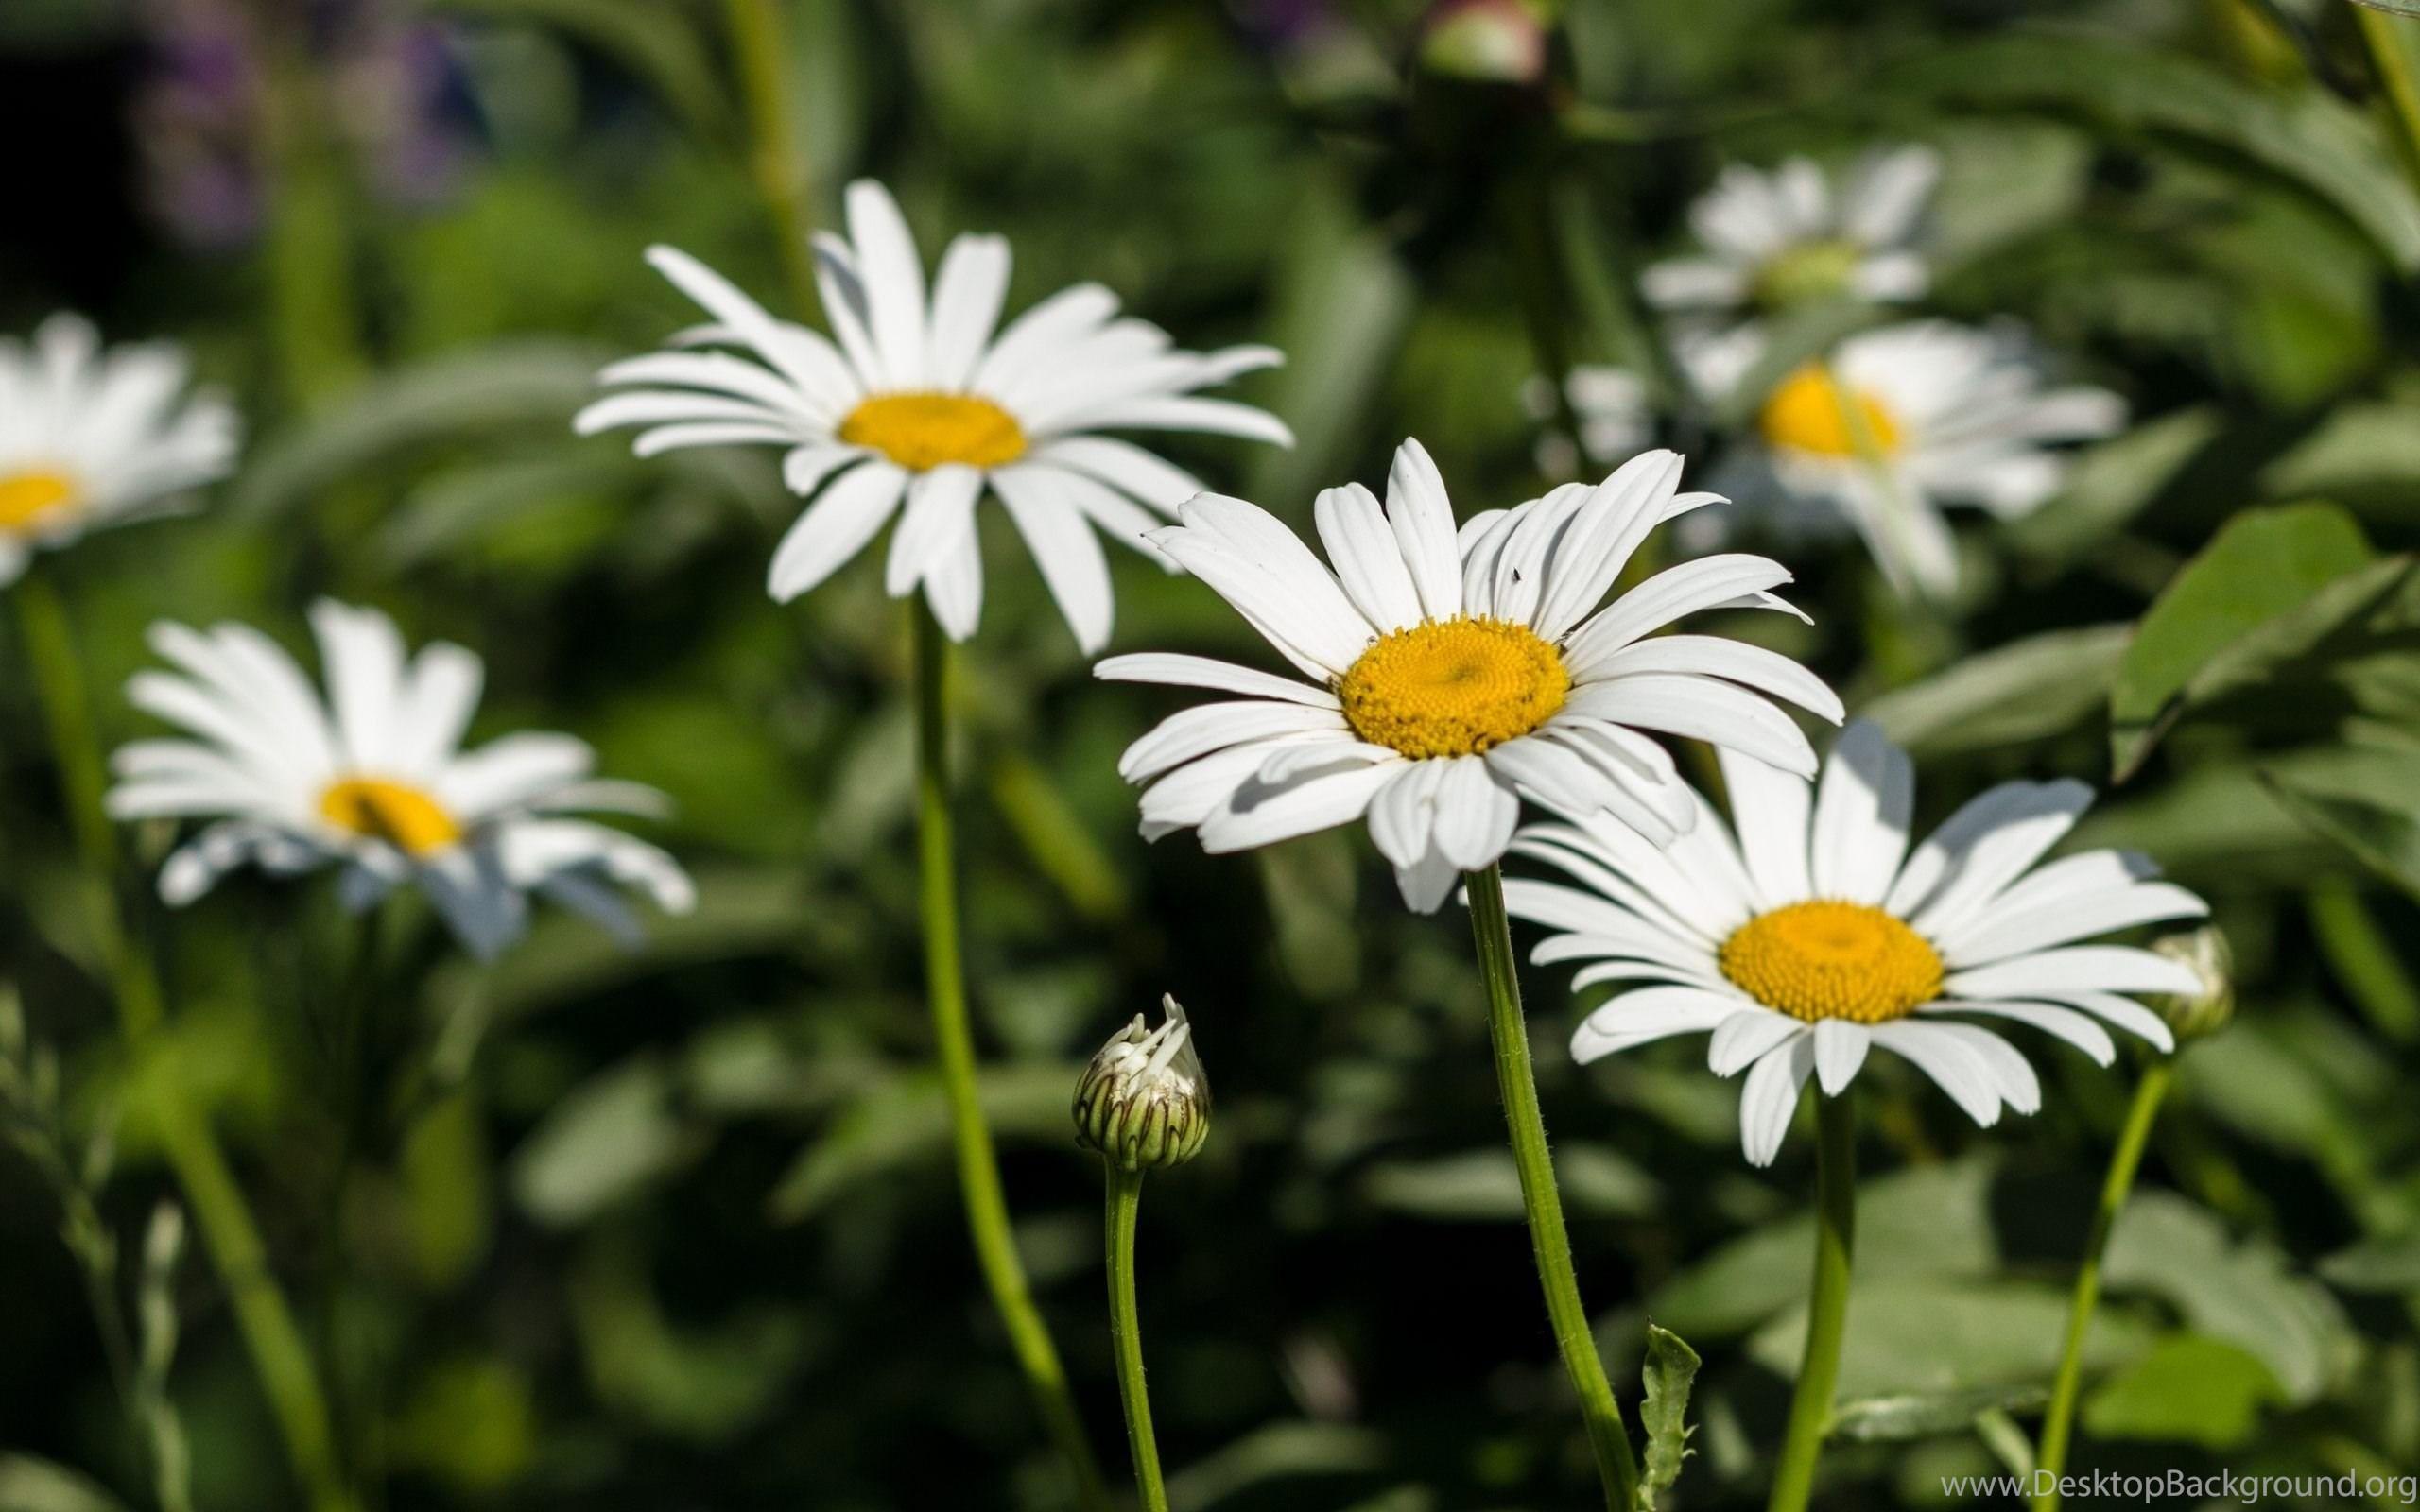 Daisies Flowers Wallpapers Hd Of Beautiful White Flowers Desktop